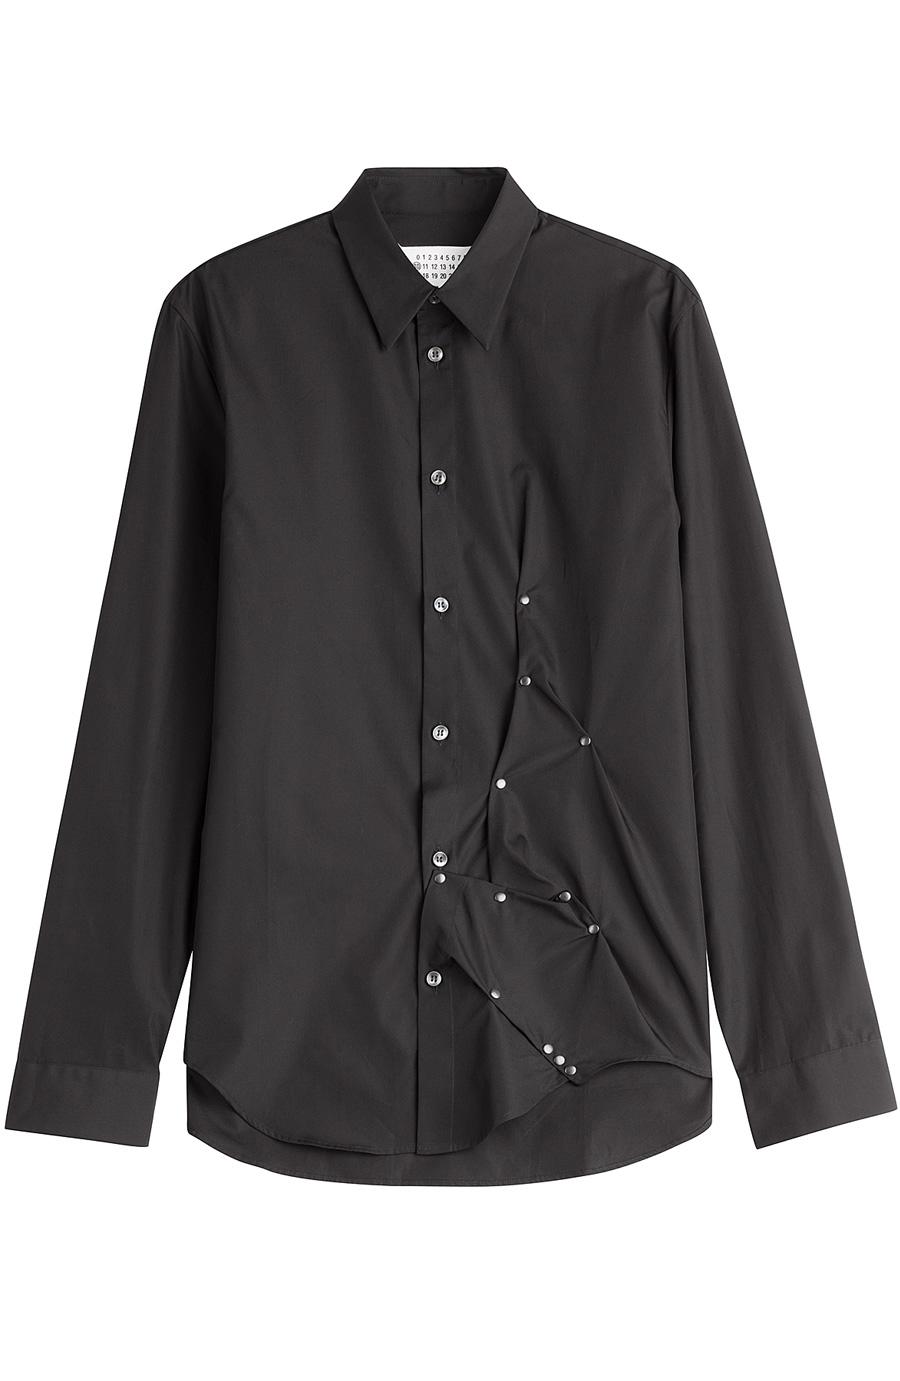 Maison Margiela Embellished Cotton Shirt In Black